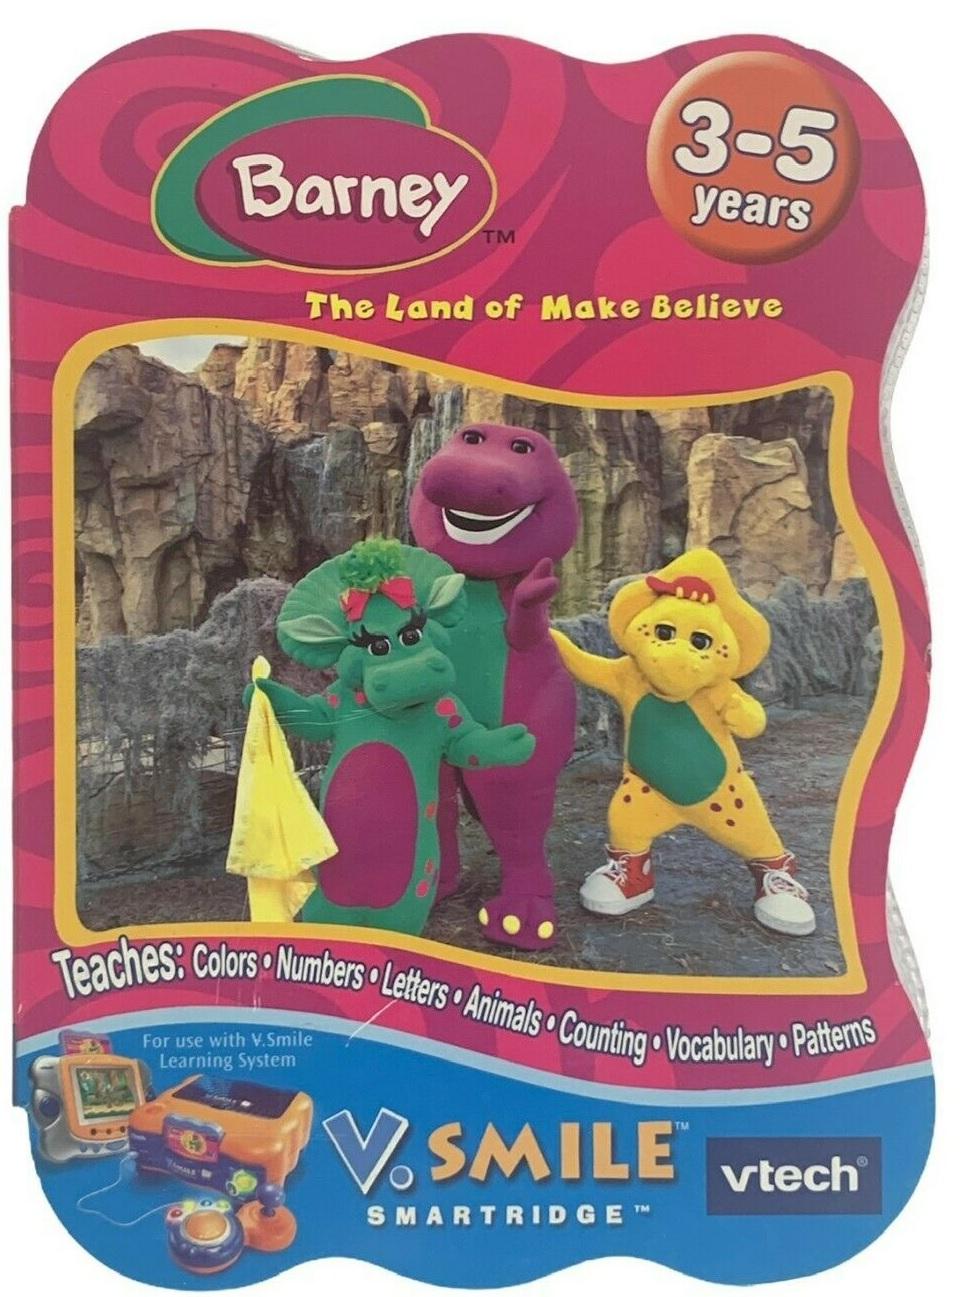 VSMILE Barney-LandOfMakeBelieveboxart 160w